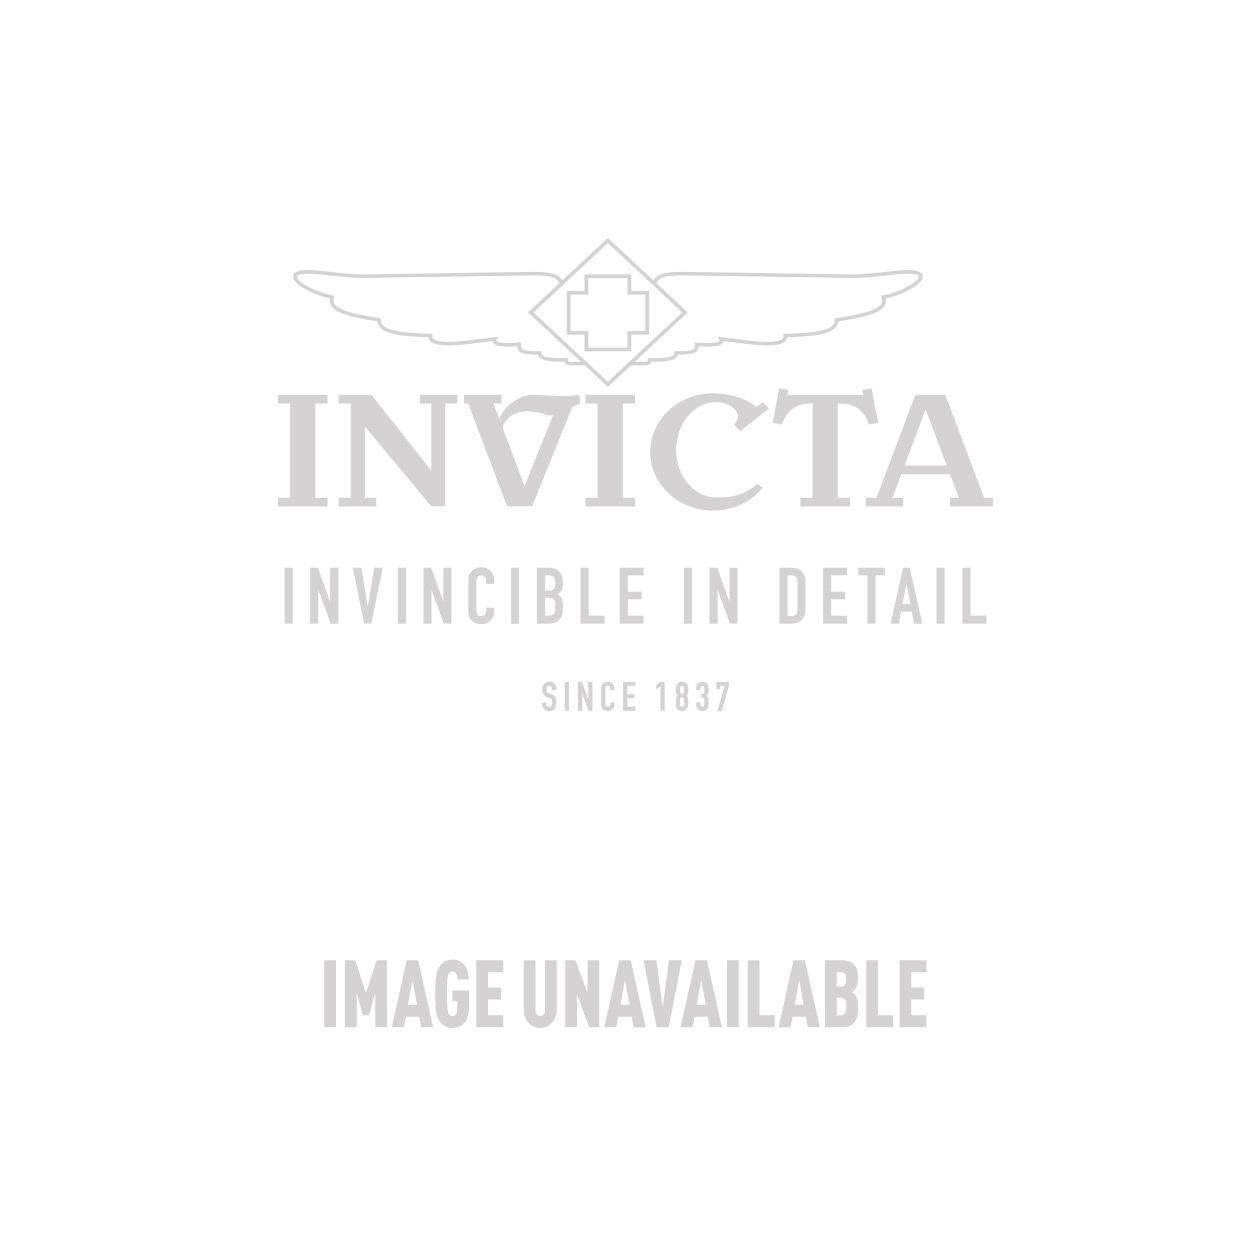 Invicta Model 27325